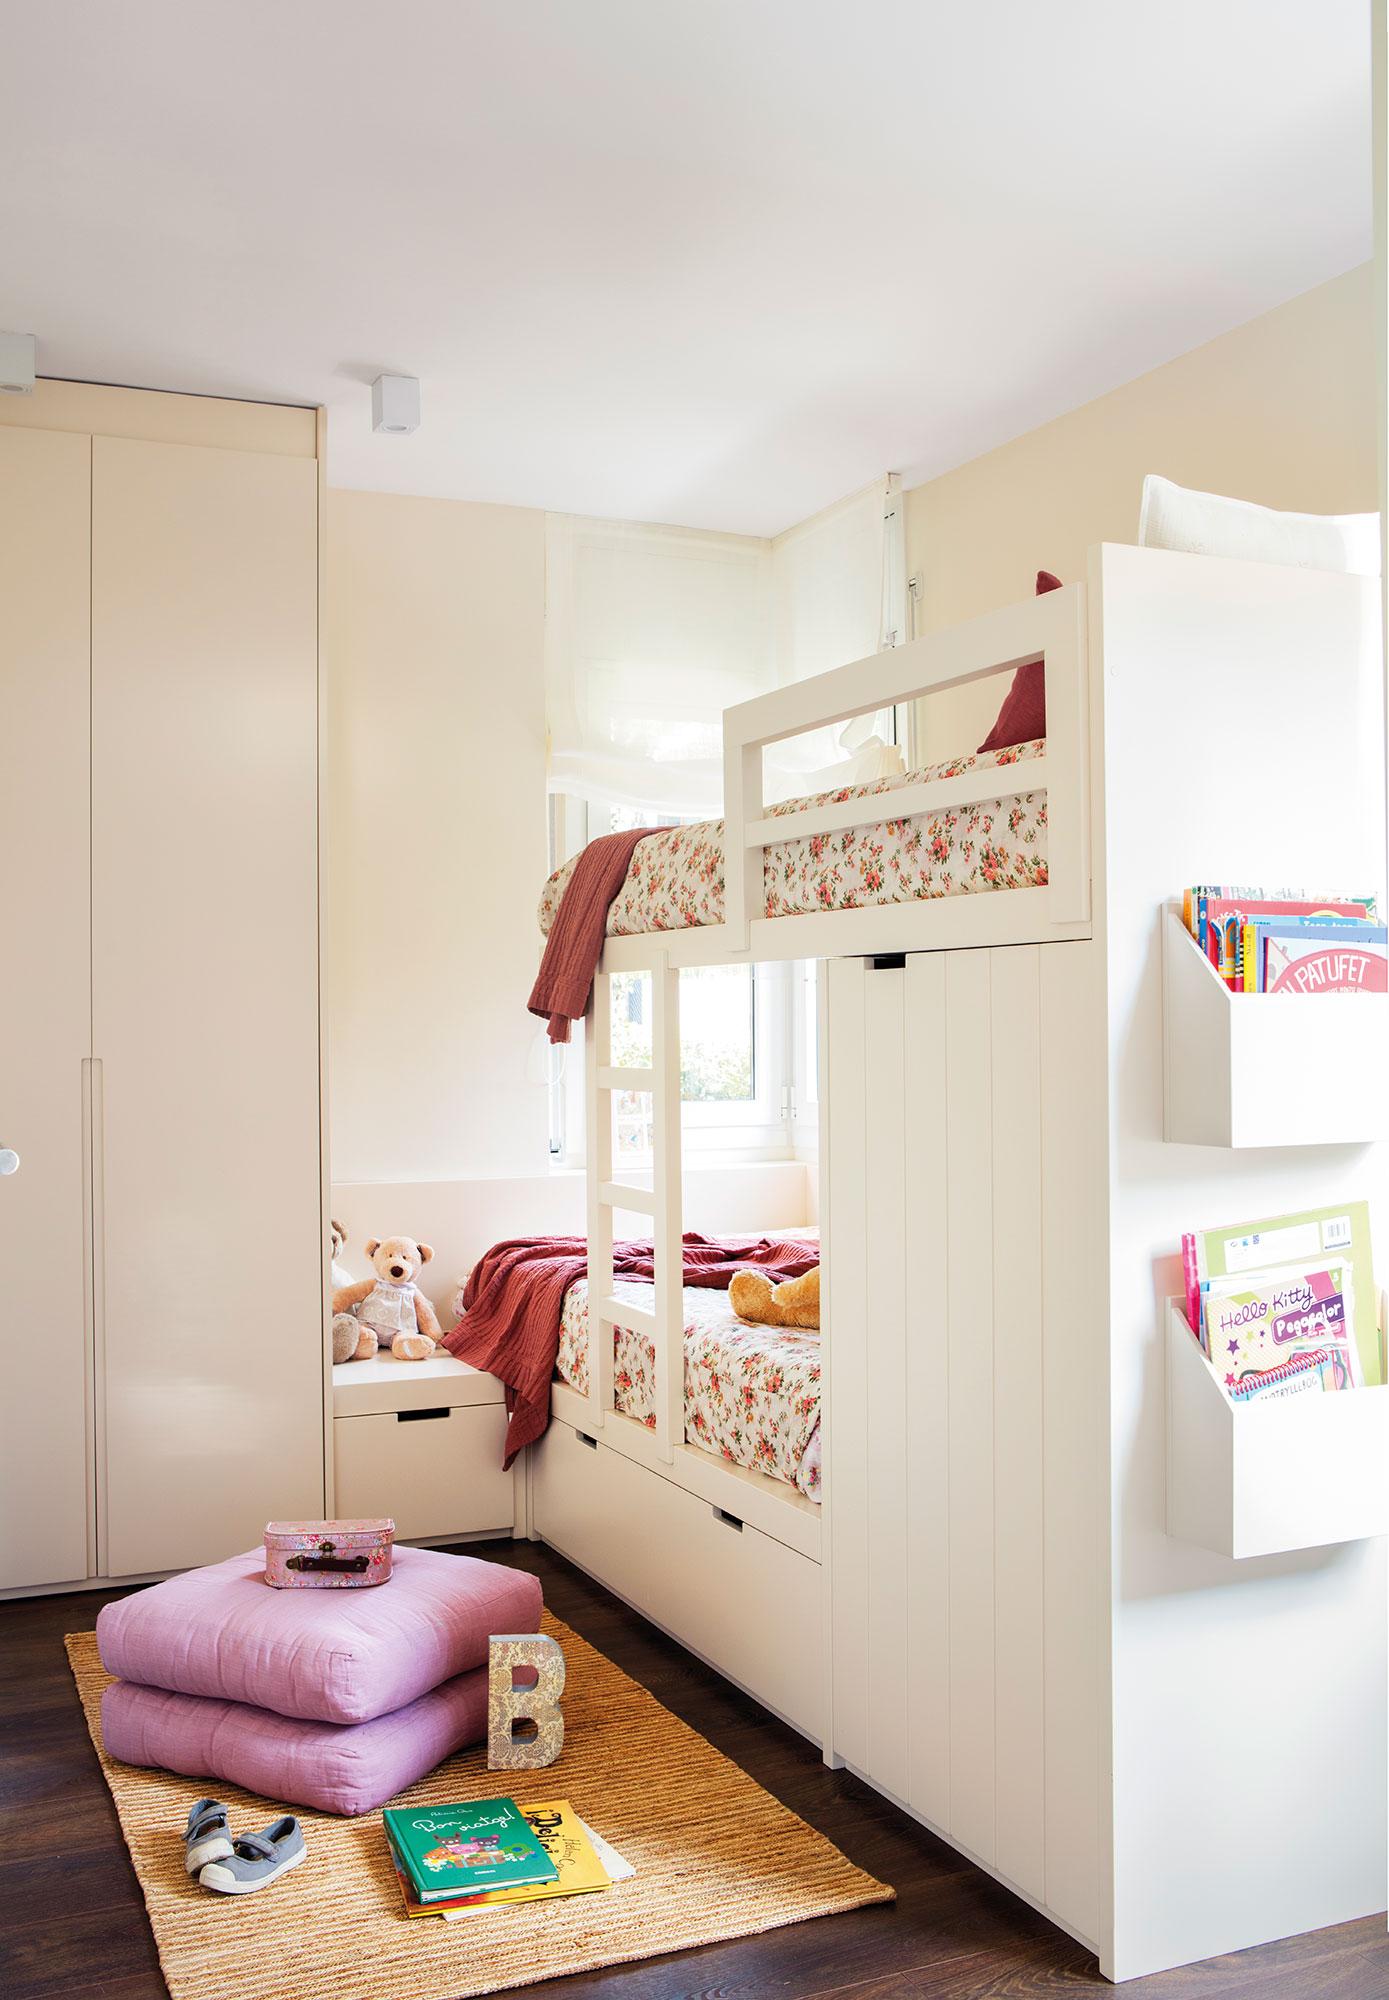 Claves para decorar la habitaci n de los ni os de beb a - Dormitorio infantil nino ...